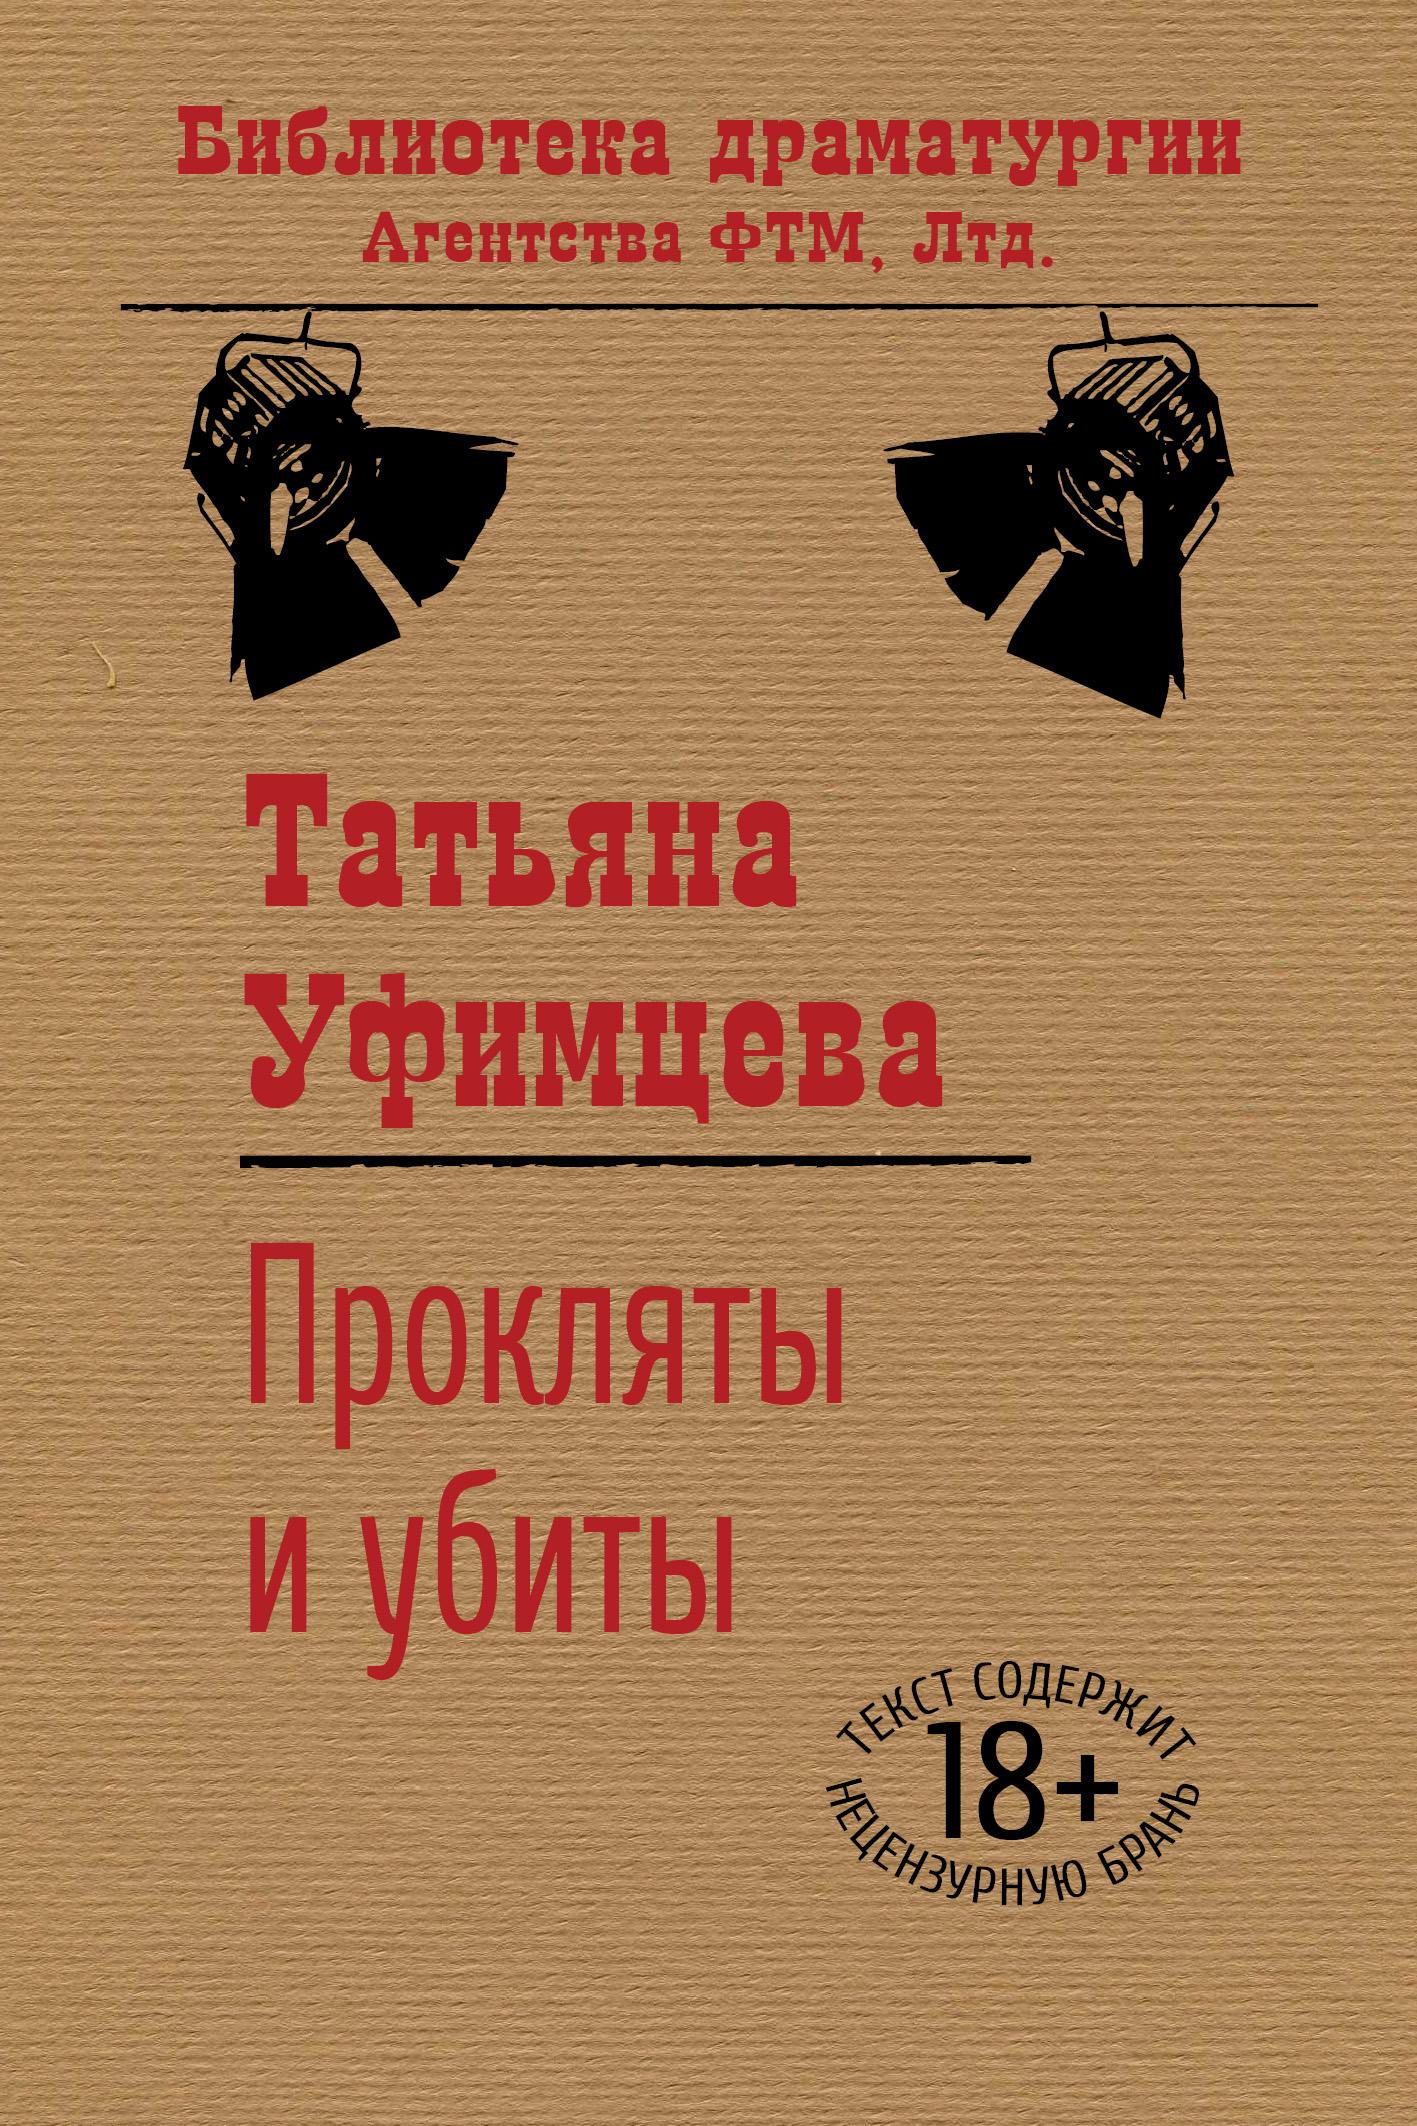 Прокляты и убиты ( Татьяна Уфимцева  )